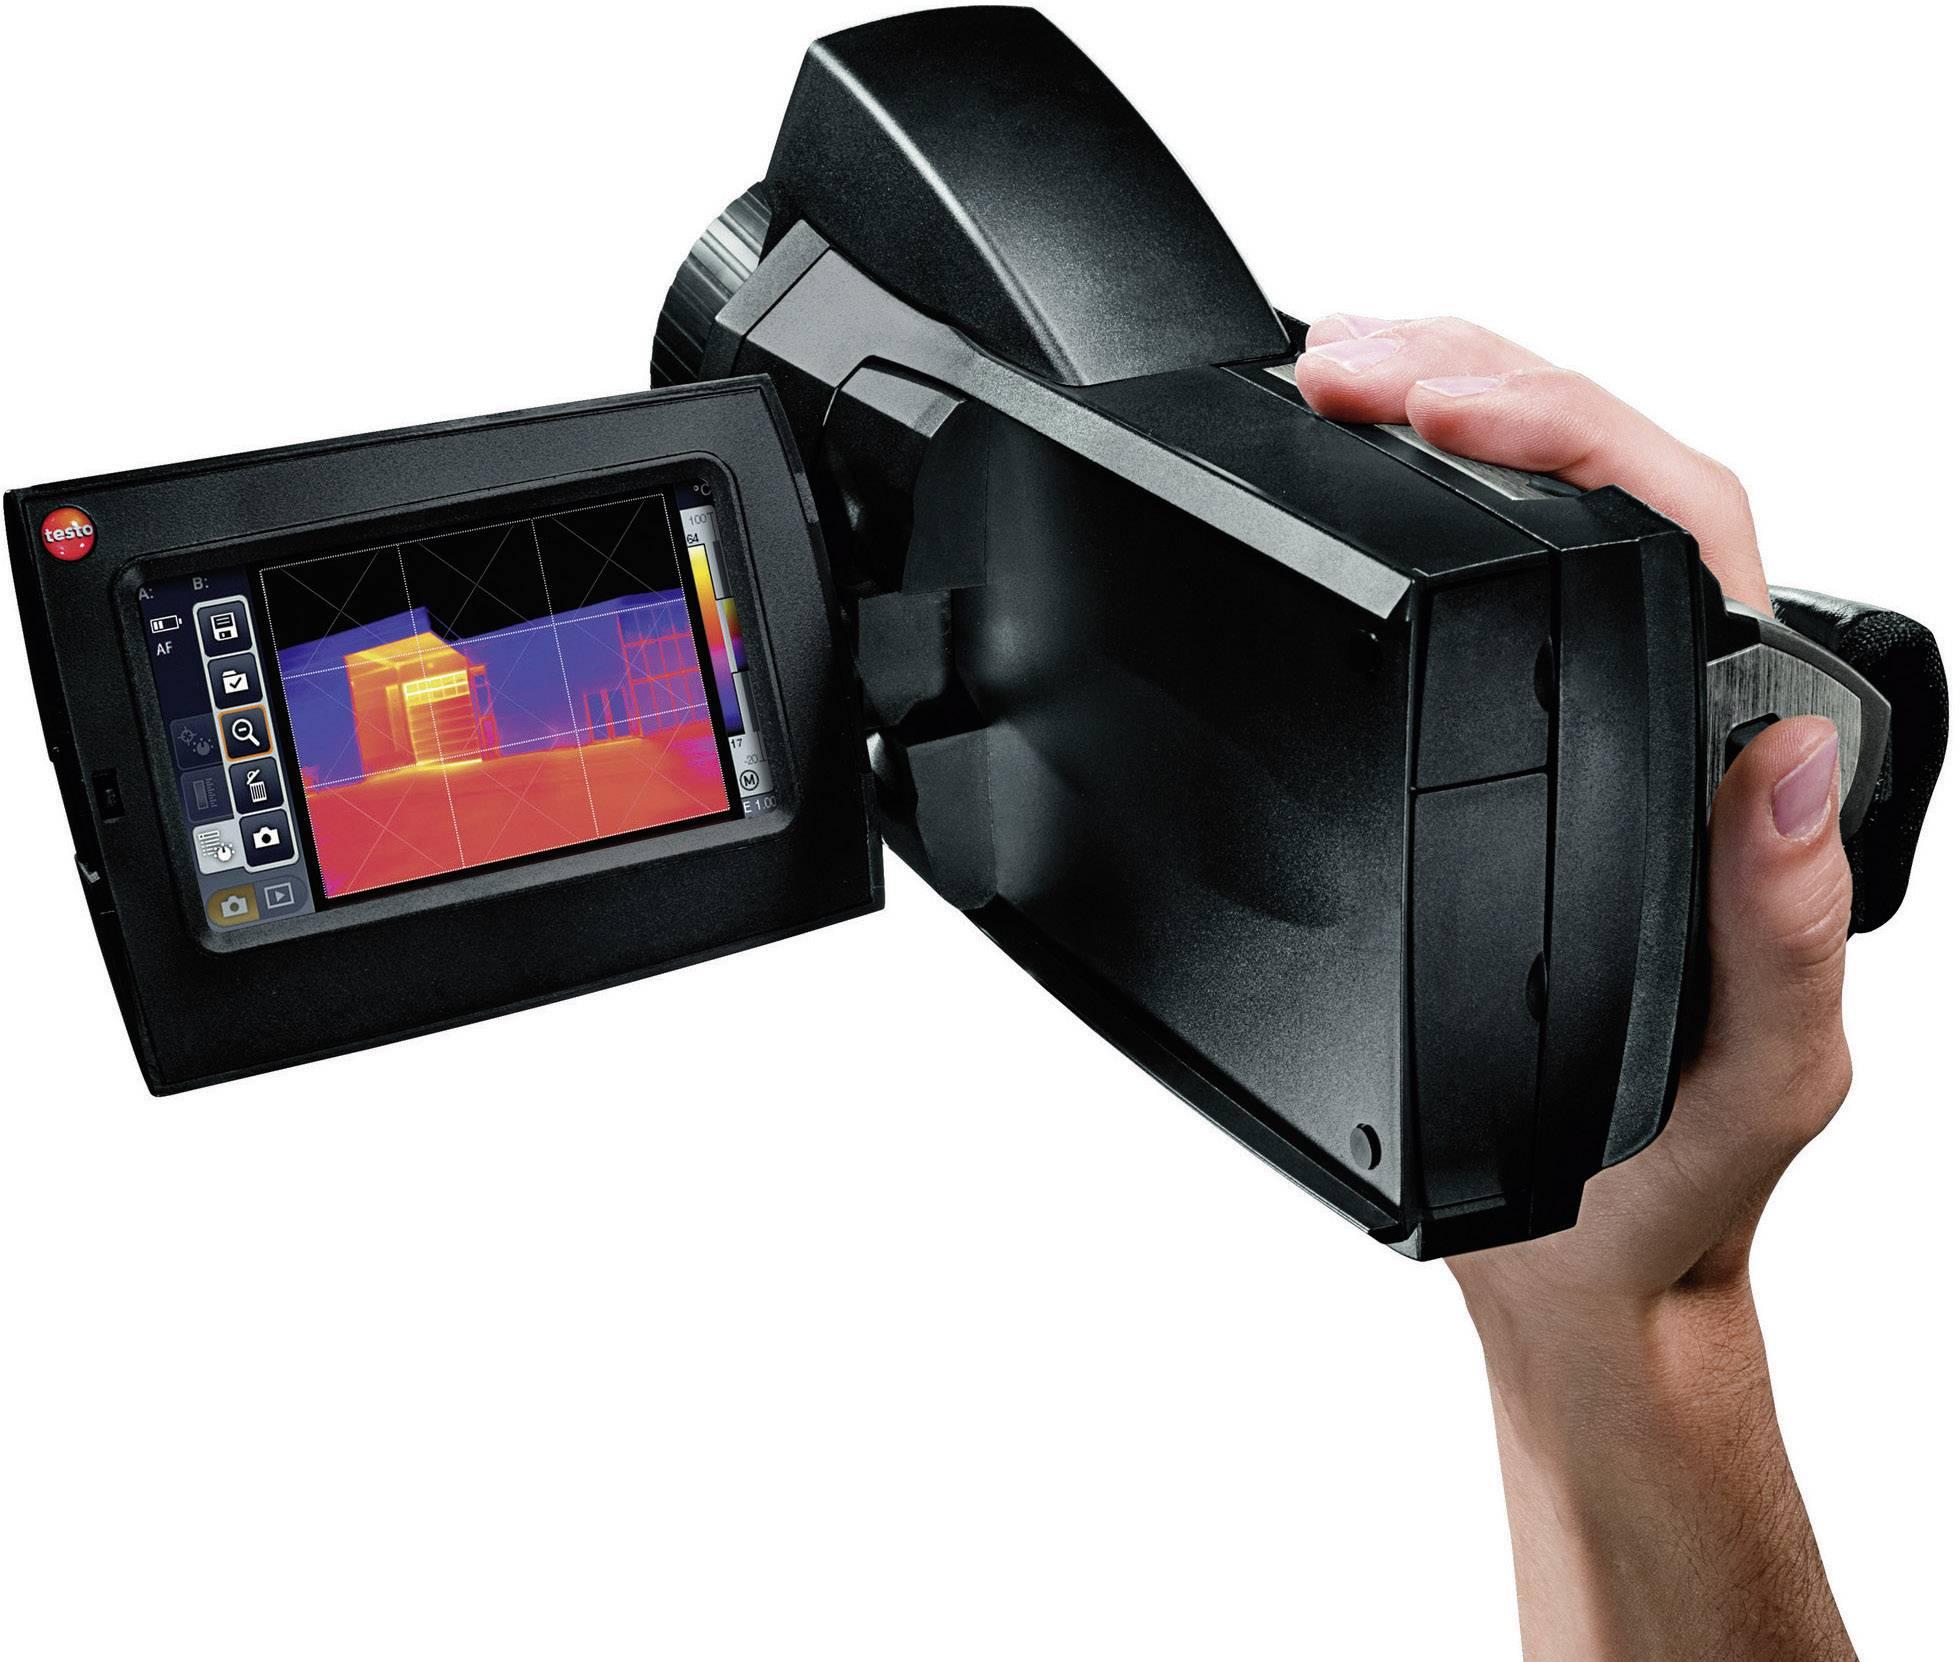 Termokamera testo 885-2 Set 0563 0885 V3, 640 x 320 pix